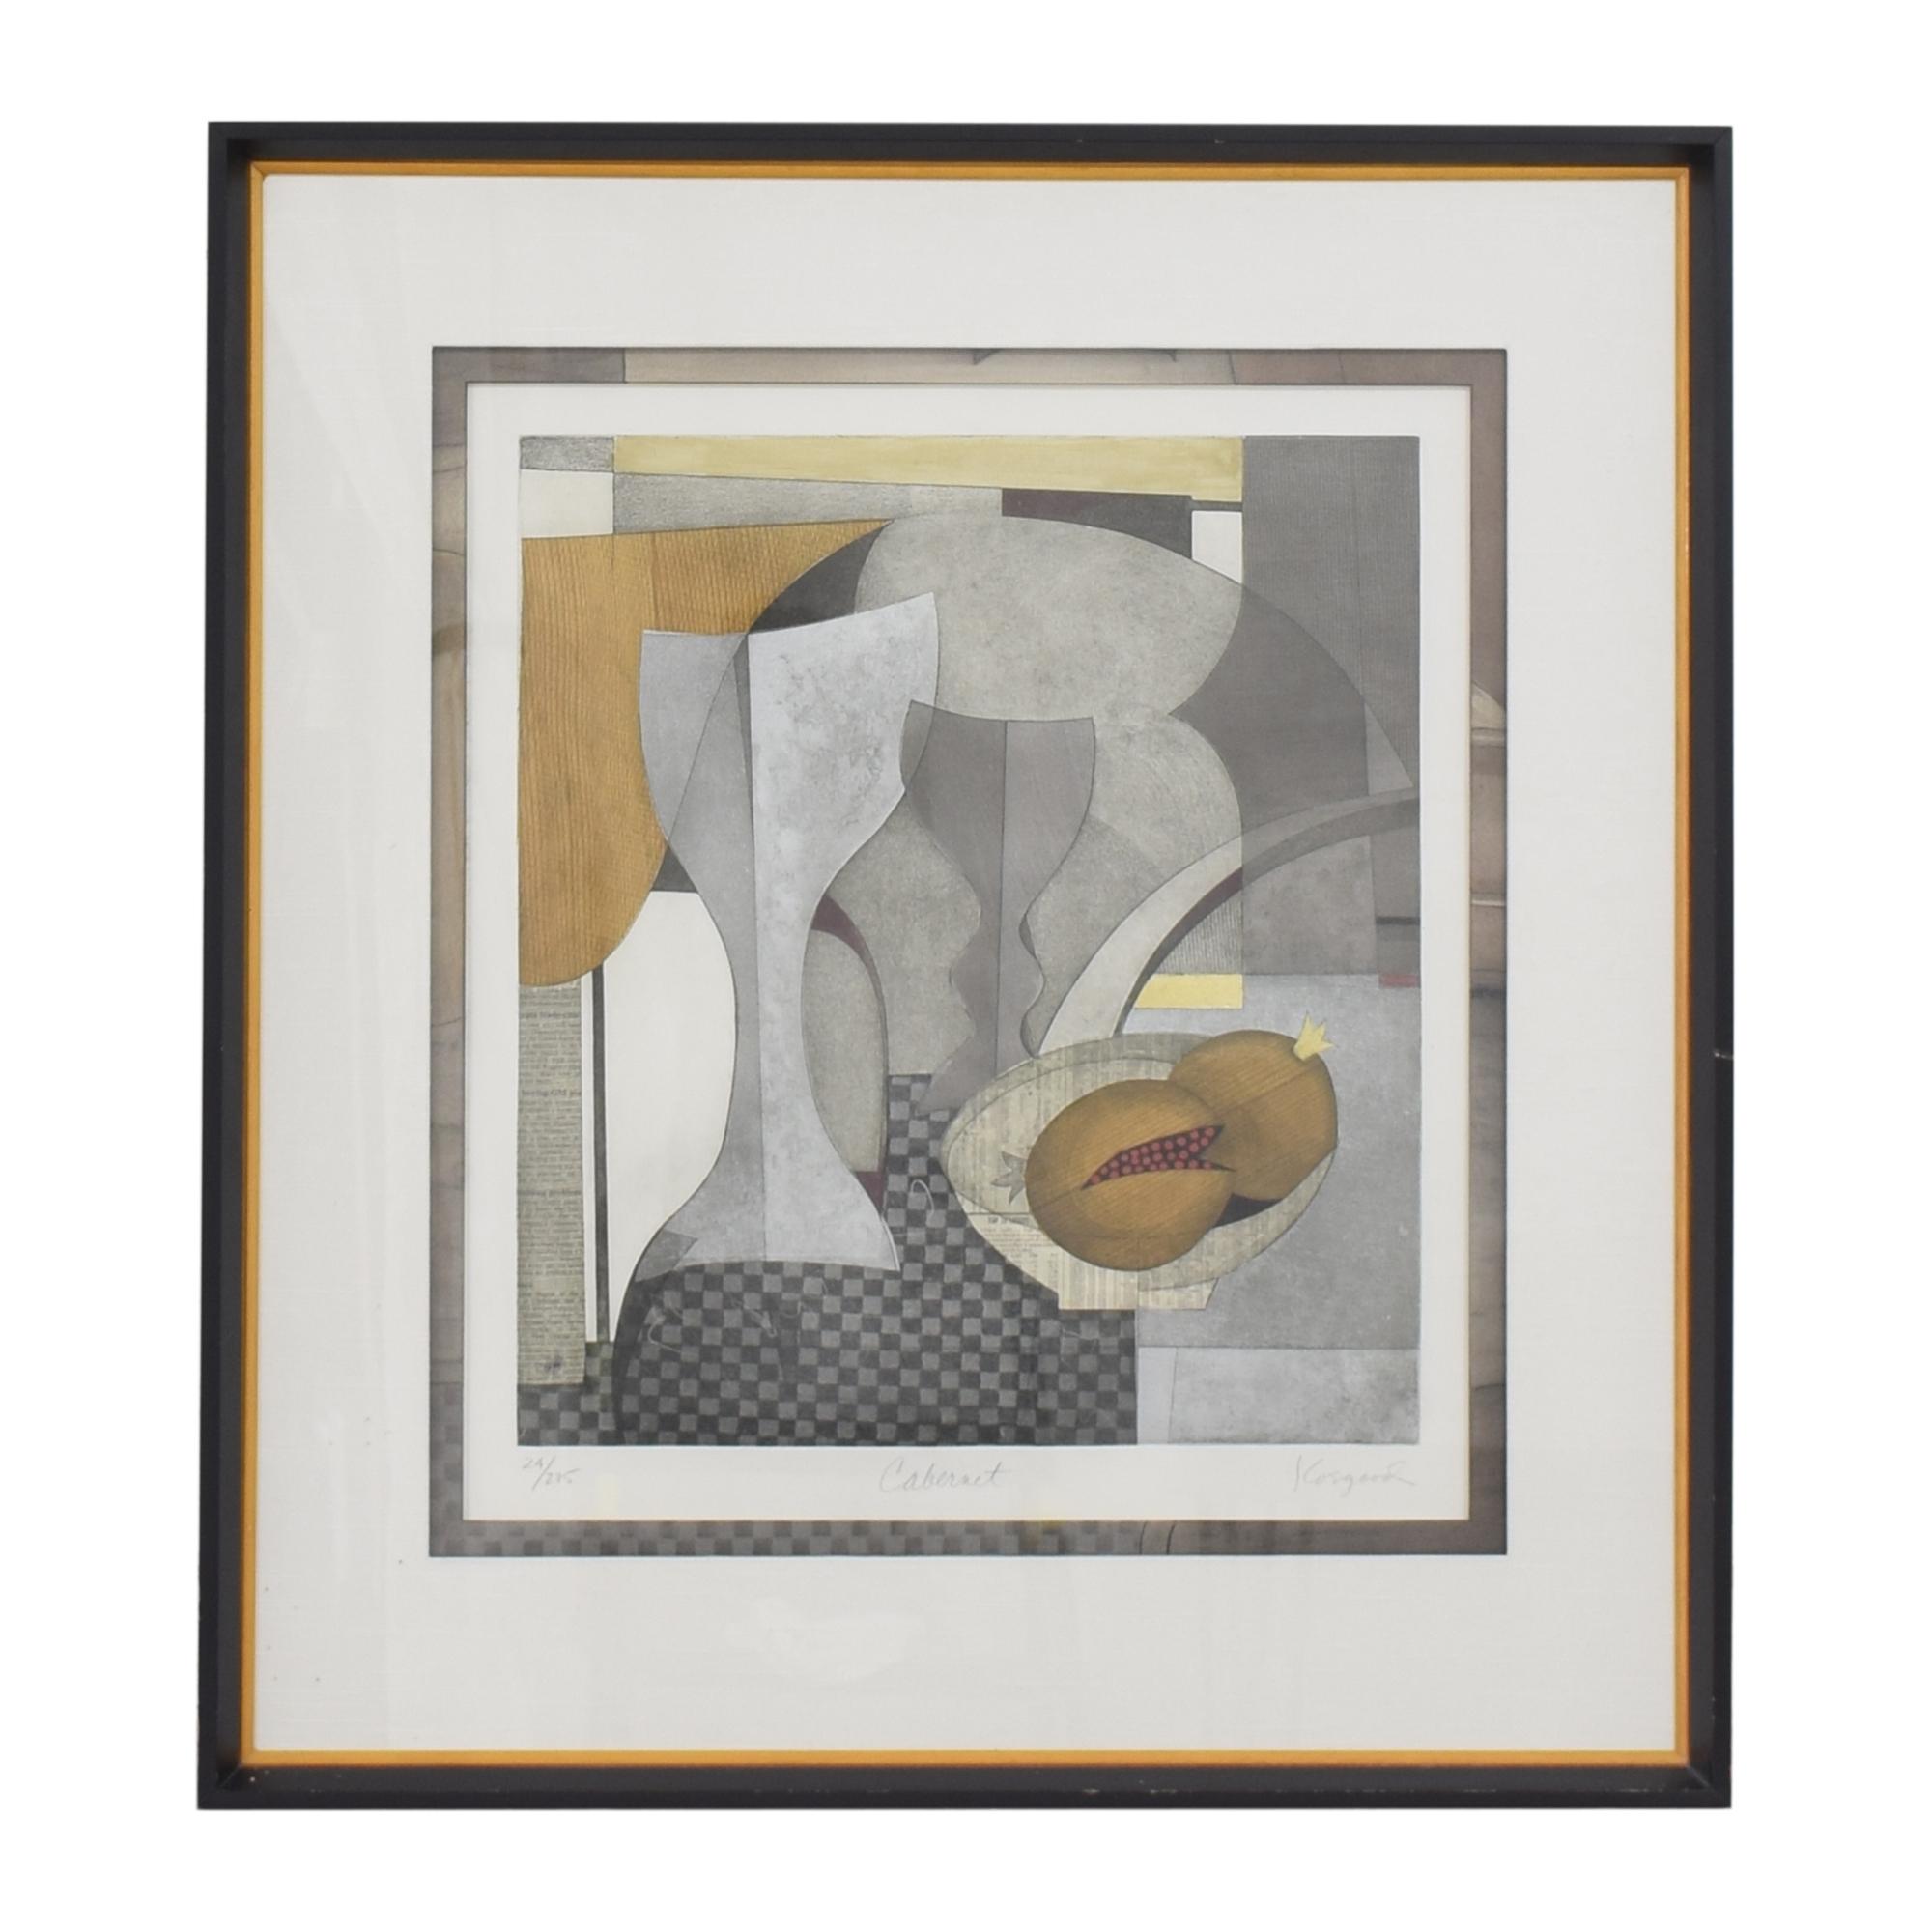 shop Ethan Allen Ethan Allen Framed Wall Art online